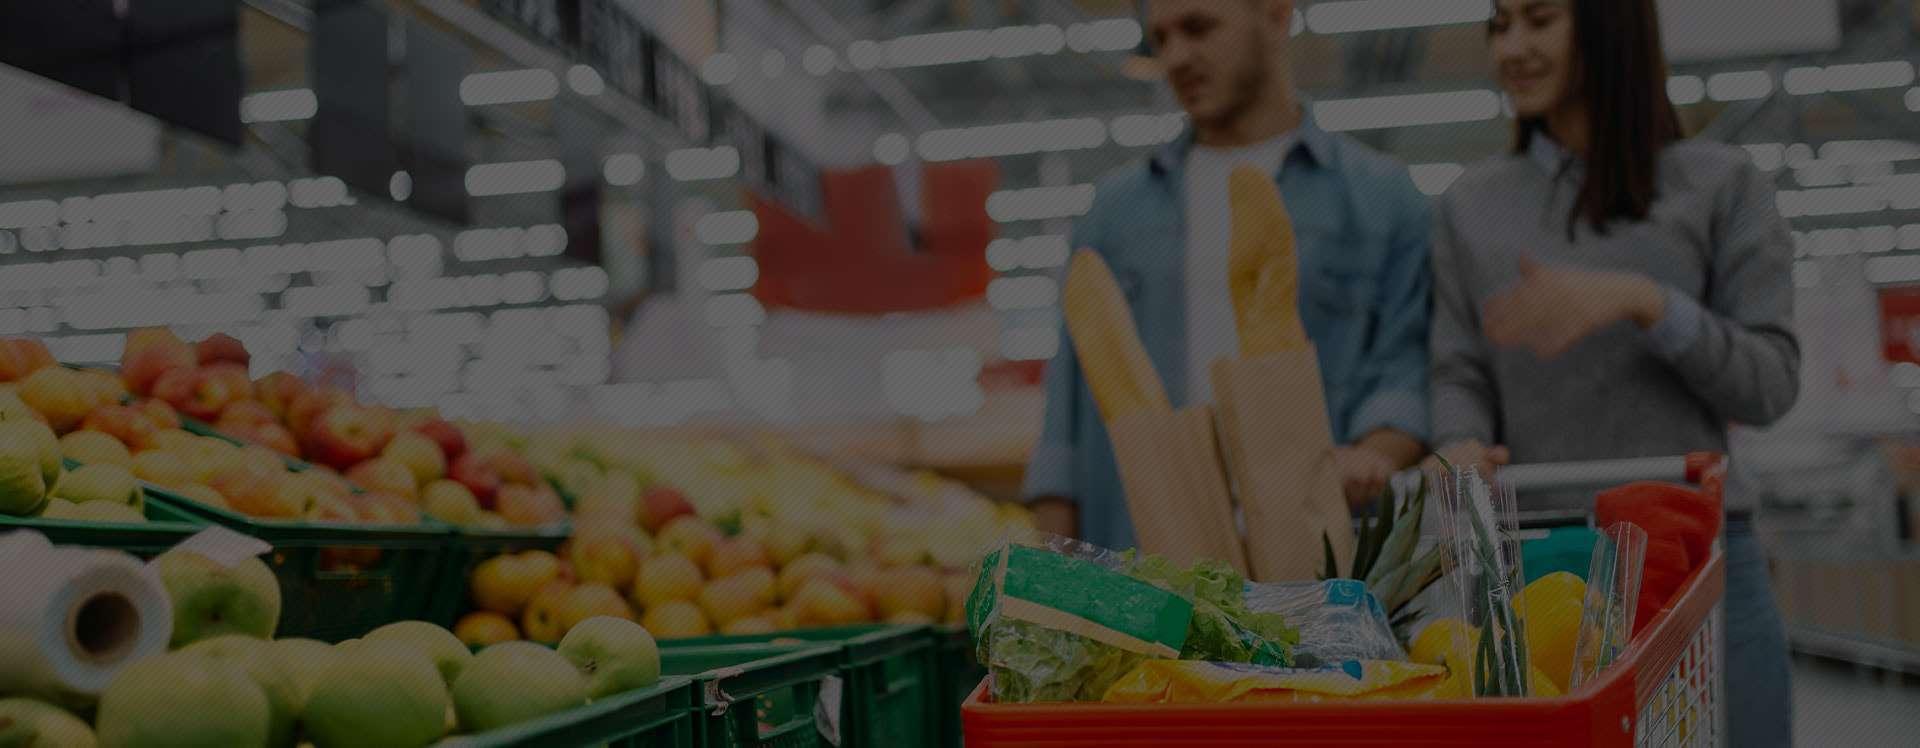 CAFM trade & retail